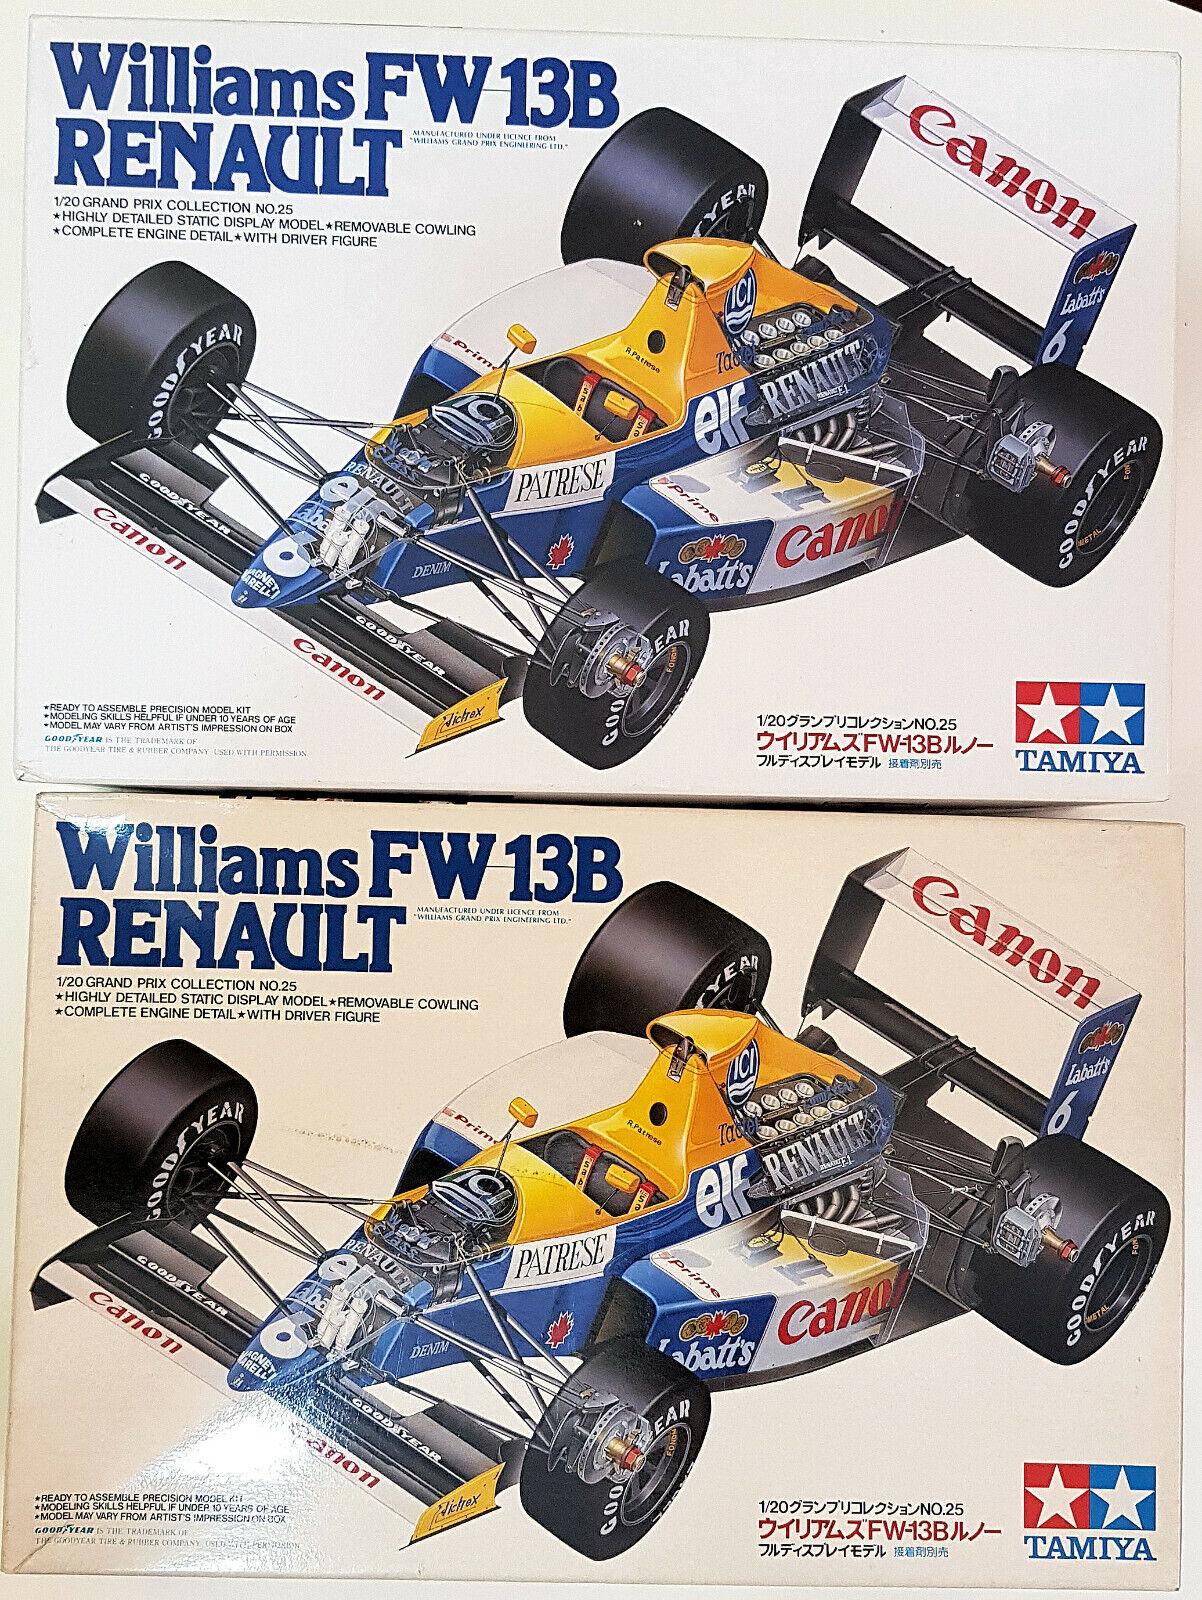 2 KIT  Williams Fw 13b Renault Tamiya 1-20